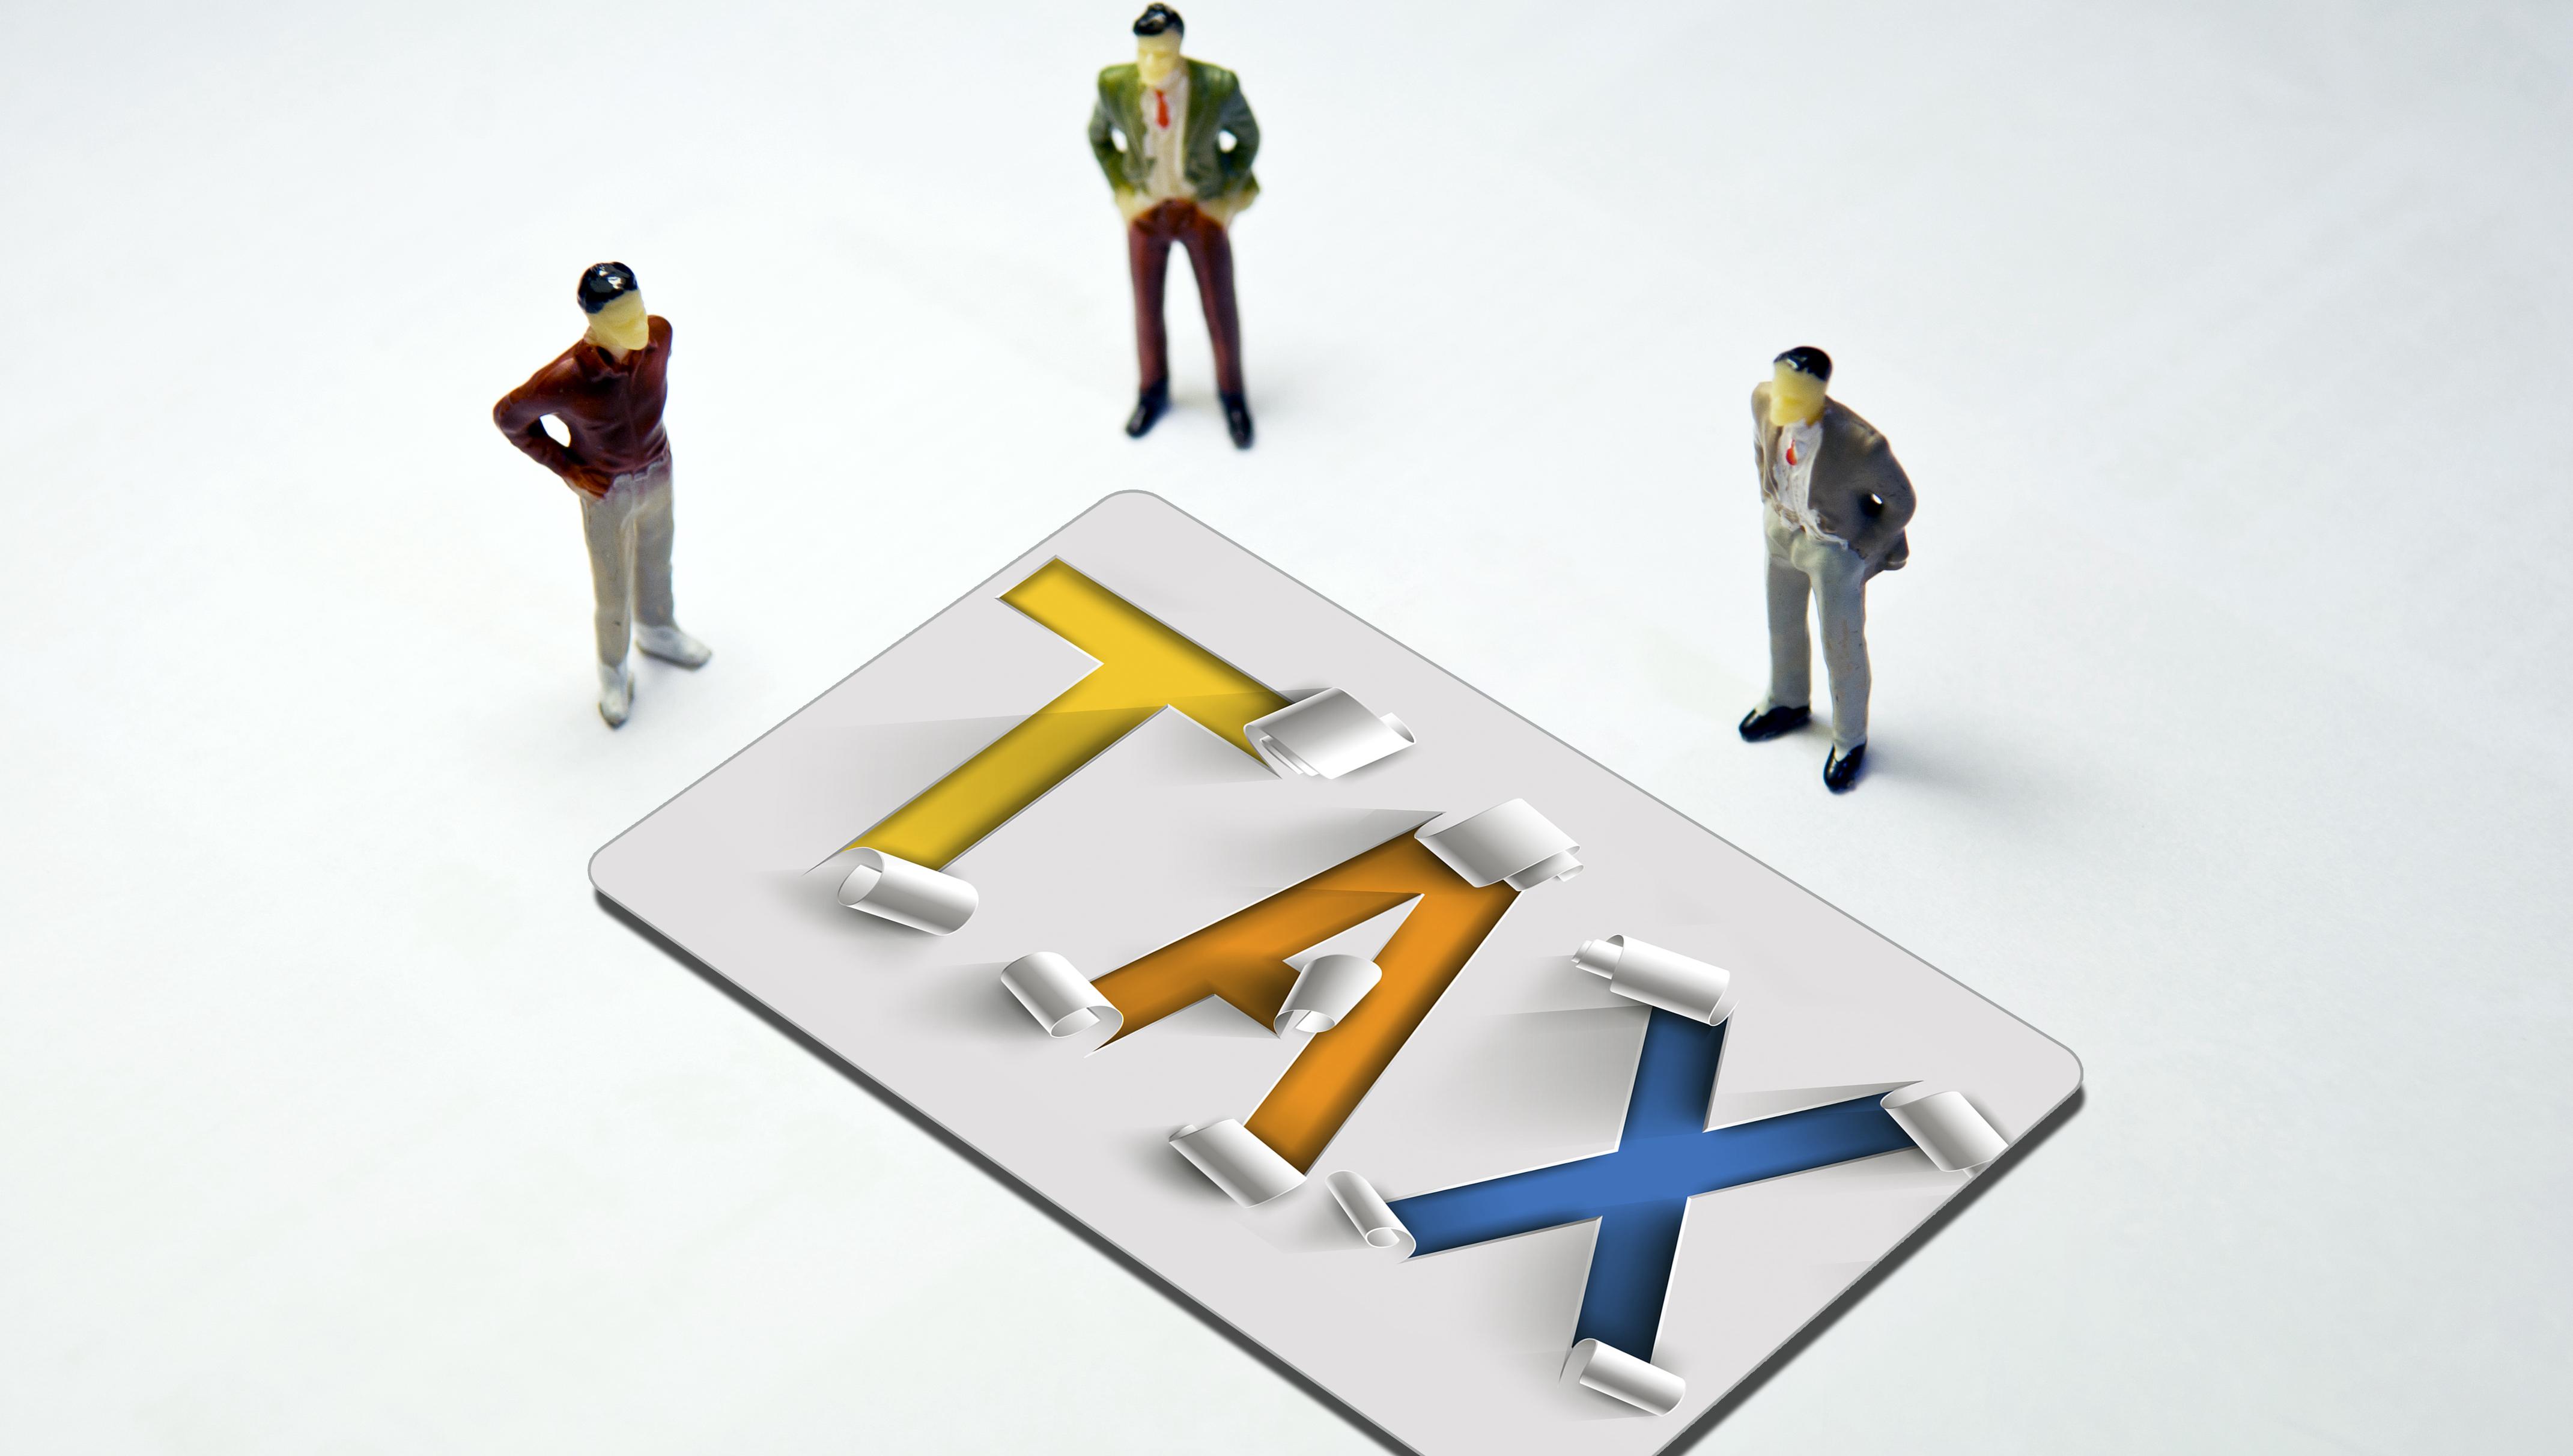 摩登5首页上海税务开放金税三期出口退税系统,可实现免填报、智能配单等